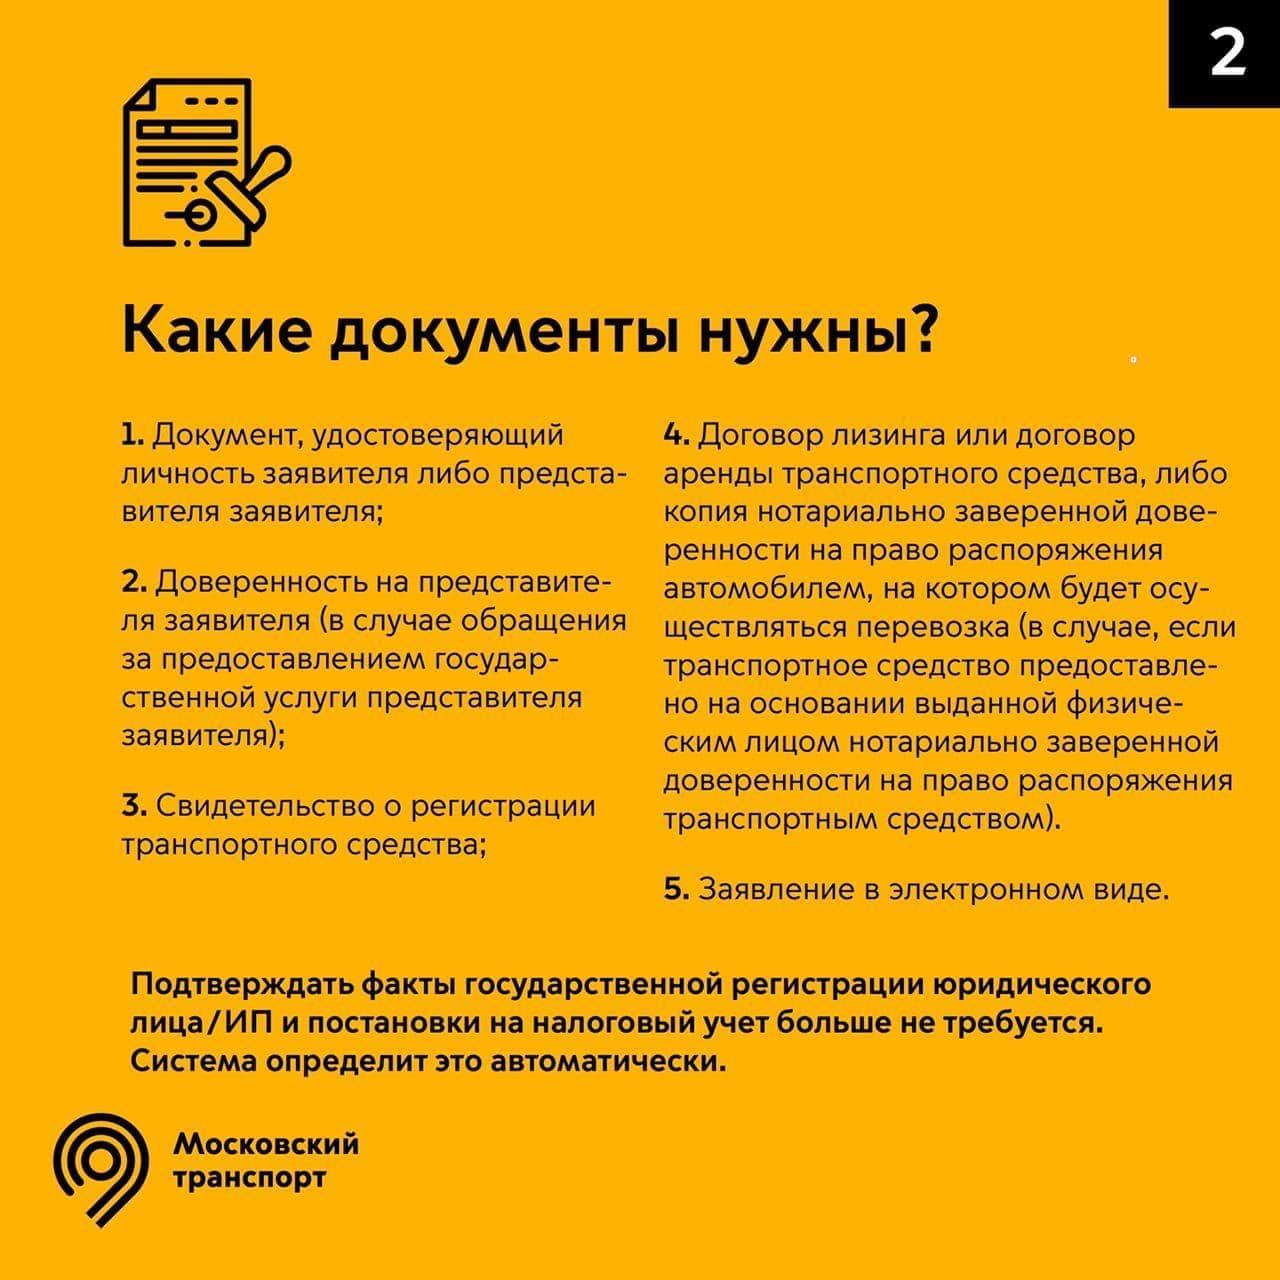 Дептранс Москвы объявил об онлайн-оформлении лицензий для таксистов с 25 января